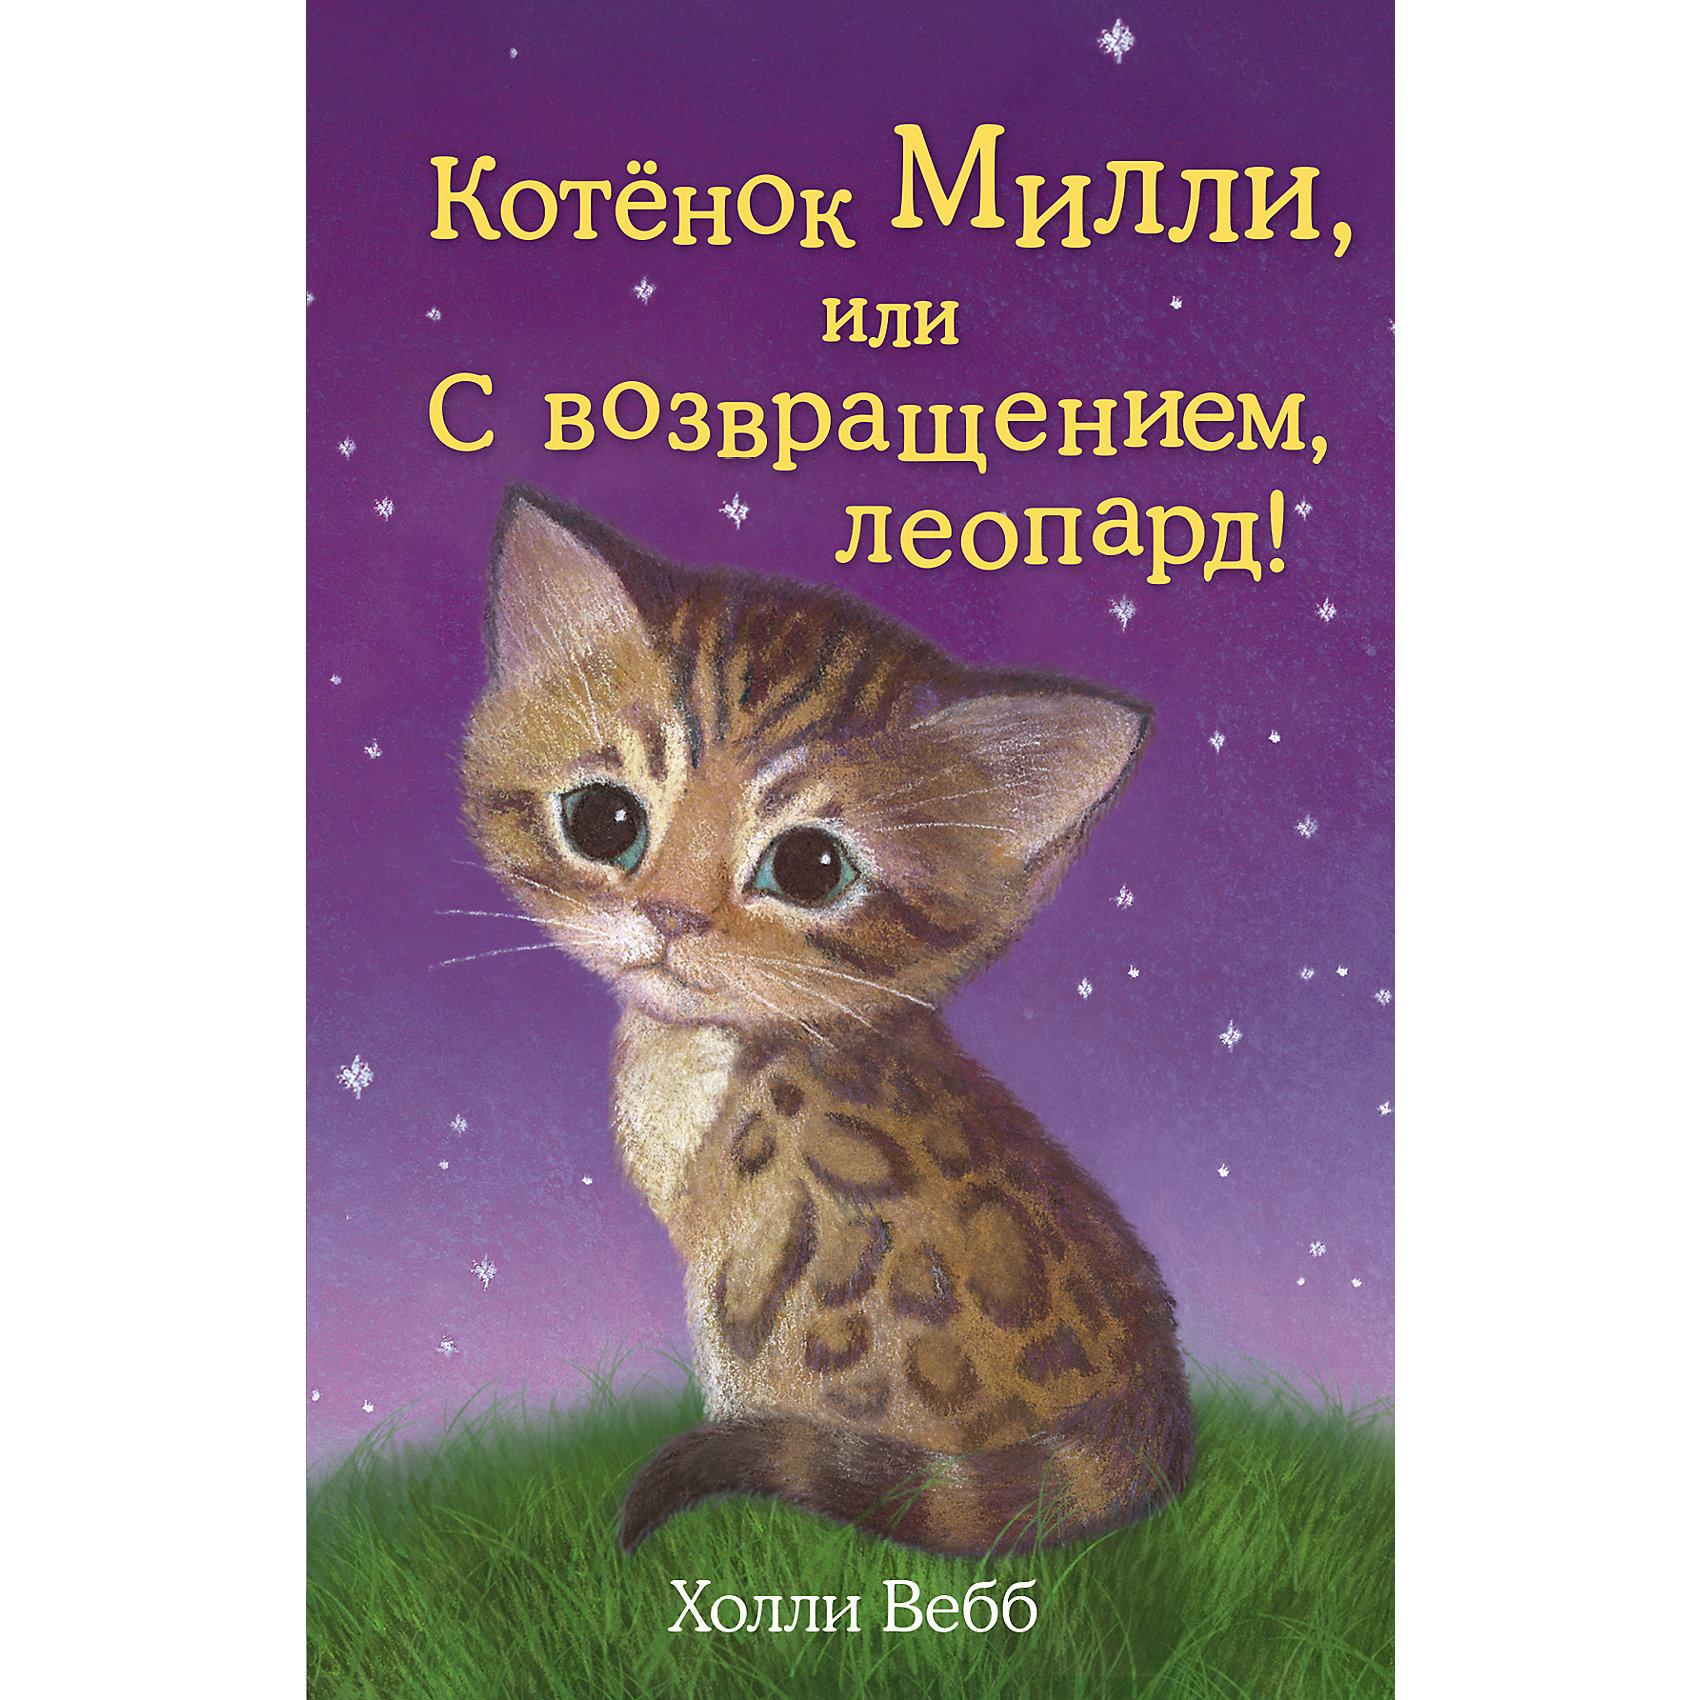 Котёнок Милли, или С возвращением, леопард!Девочка Тайя мечтала о котенке, и однажды родители подарили ей Милли, кошечку бенгальской породы, той самой, похожей на маленьких леопардов. Тайя и Милли сразу же подружились и начали вместе активно исследовать окружающий мир. Правда, любопытство постоянно приводило кошечку к неприятностям, разбираться с которыми приходилось Тайе.<br>В этот раз Милли всего на минуточку выскочила из дома, проверить что происходит в соседнем дворе, как кто-то схватил ее и увез далеко в чужое место. Но бенгальская кошка – одно из самых ловких в мире созданий, и, вне всякого сомнения, Милли придумает, как выбраться из клетки. Тайя тоже не теряет времени даром и расклеивает объявления о пропаже котенка везде, где может. Удастся ли Милли вернуться к хозяйке? Одной, в другом районе, найти дорогу домой?<br><br>Дополнительная информация:<br><br>- Автор: Вебб Холли.<br>- Художник: Вильямс Софи.<br>- Переводчик: Олейникова Е. В.<br>- Формат: 20,8х13,3 см.<br>- Переплет: твердый.<br>- Количество страниц: 144. <br>- Иллюстрации: черно-белые.<br><br>Книгу Котёнок Милли, или С возвращением, леопард! можно купить в нашем магазине.<br><br>Ширина мм: 200<br>Глубина мм: 125<br>Высота мм: 13<br>Вес г: 258<br>Возраст от месяцев: 72<br>Возраст до месяцев: 84<br>Пол: Унисекс<br>Возраст: Детский<br>SKU: 4414985